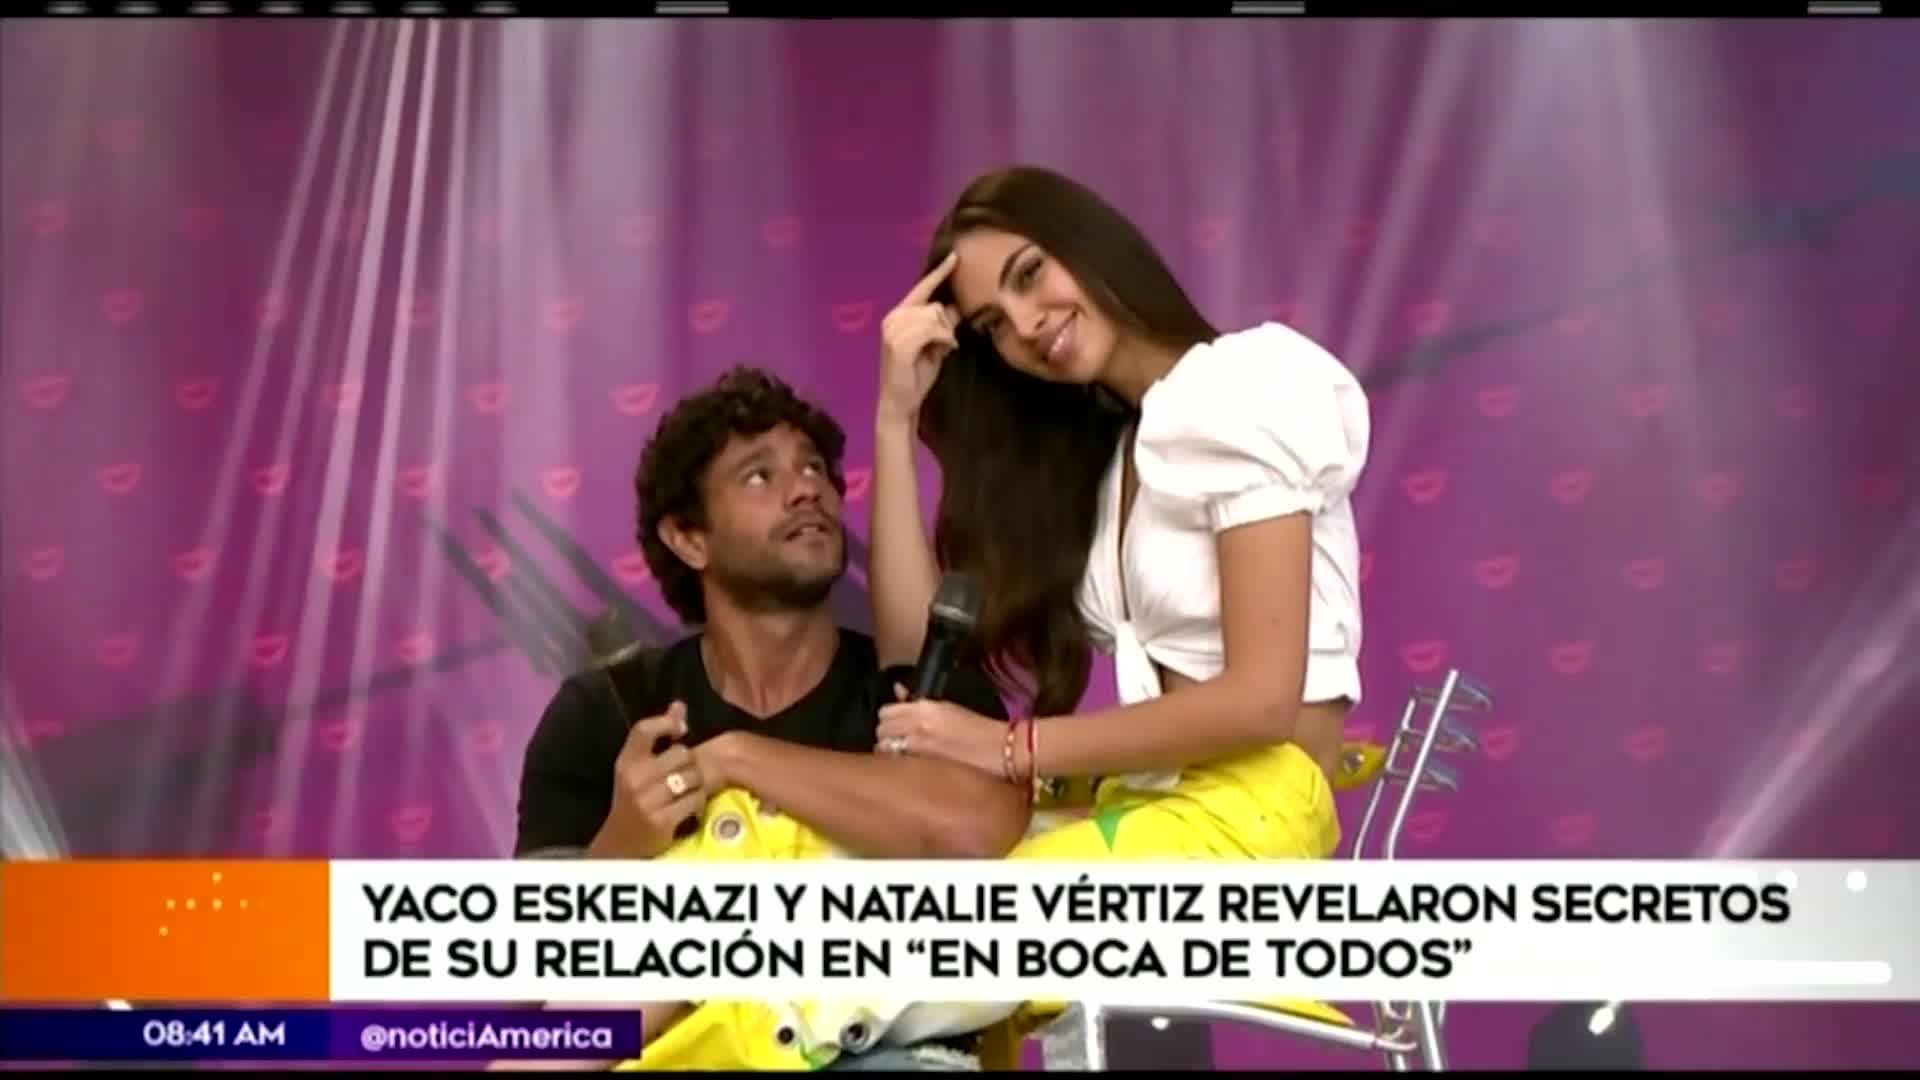 Yaco Eskenazi confesó que sintió celos por una foto de Natalie Vértiz y Diego Boneta